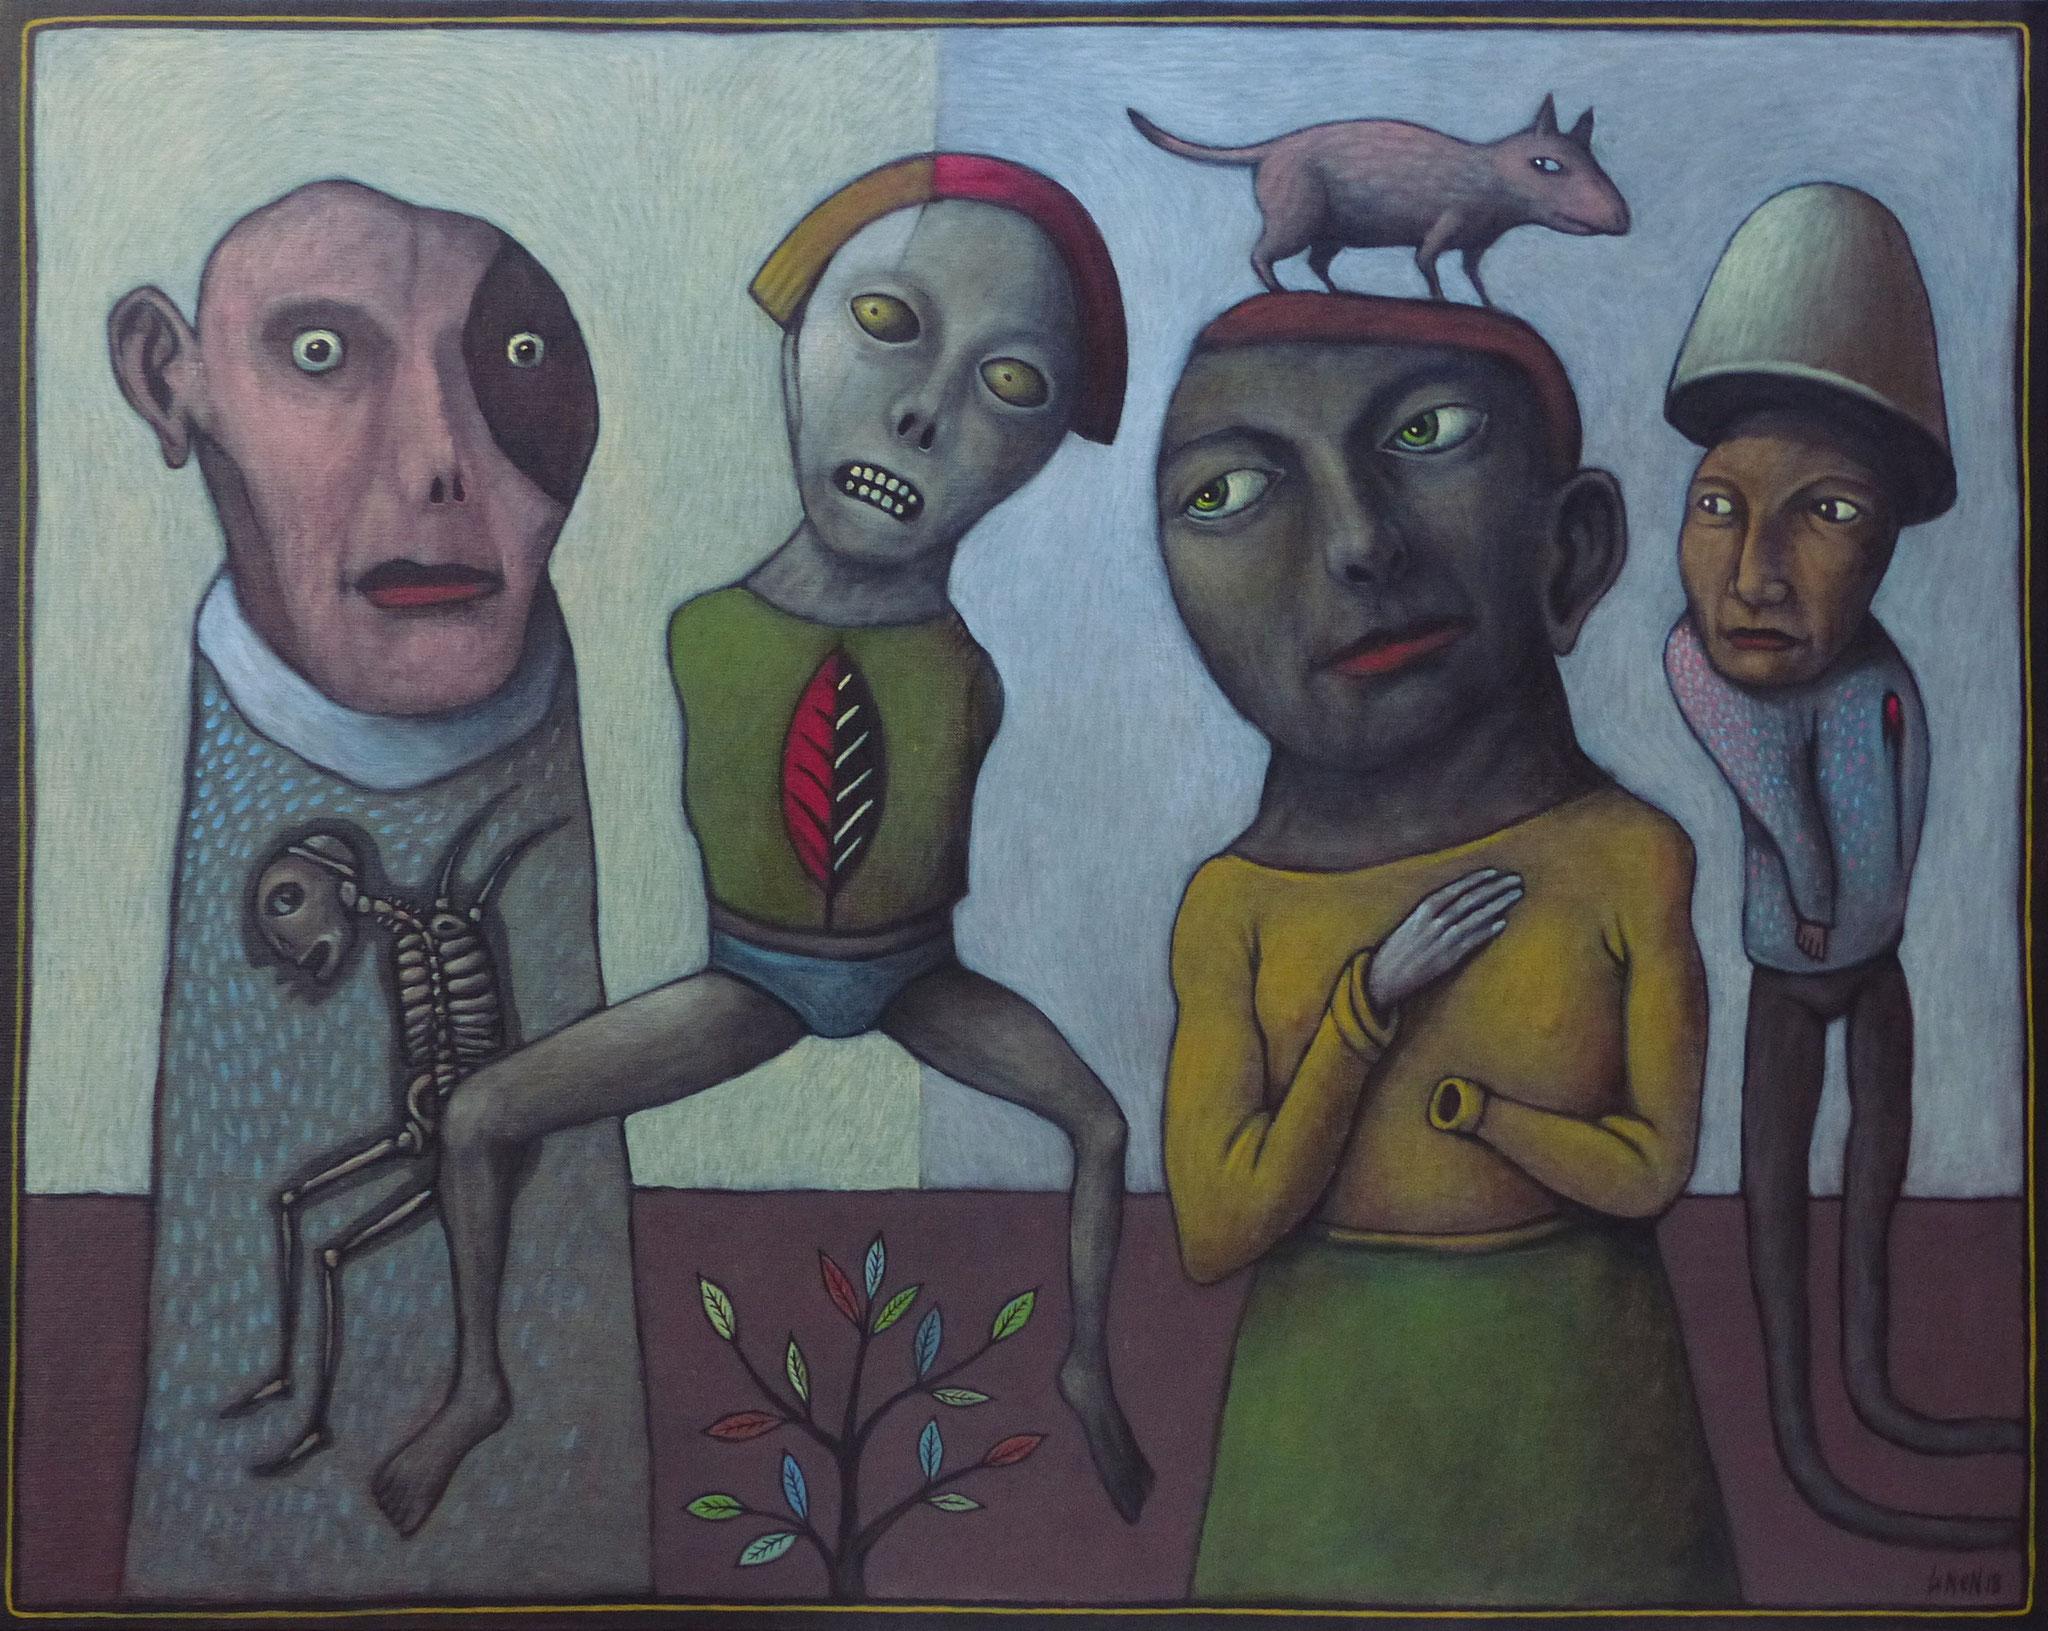 4+1 - oeuvre de Bernard LENEN - acrylique sur toile - Dimensions : 73 x 92 cm. 2018